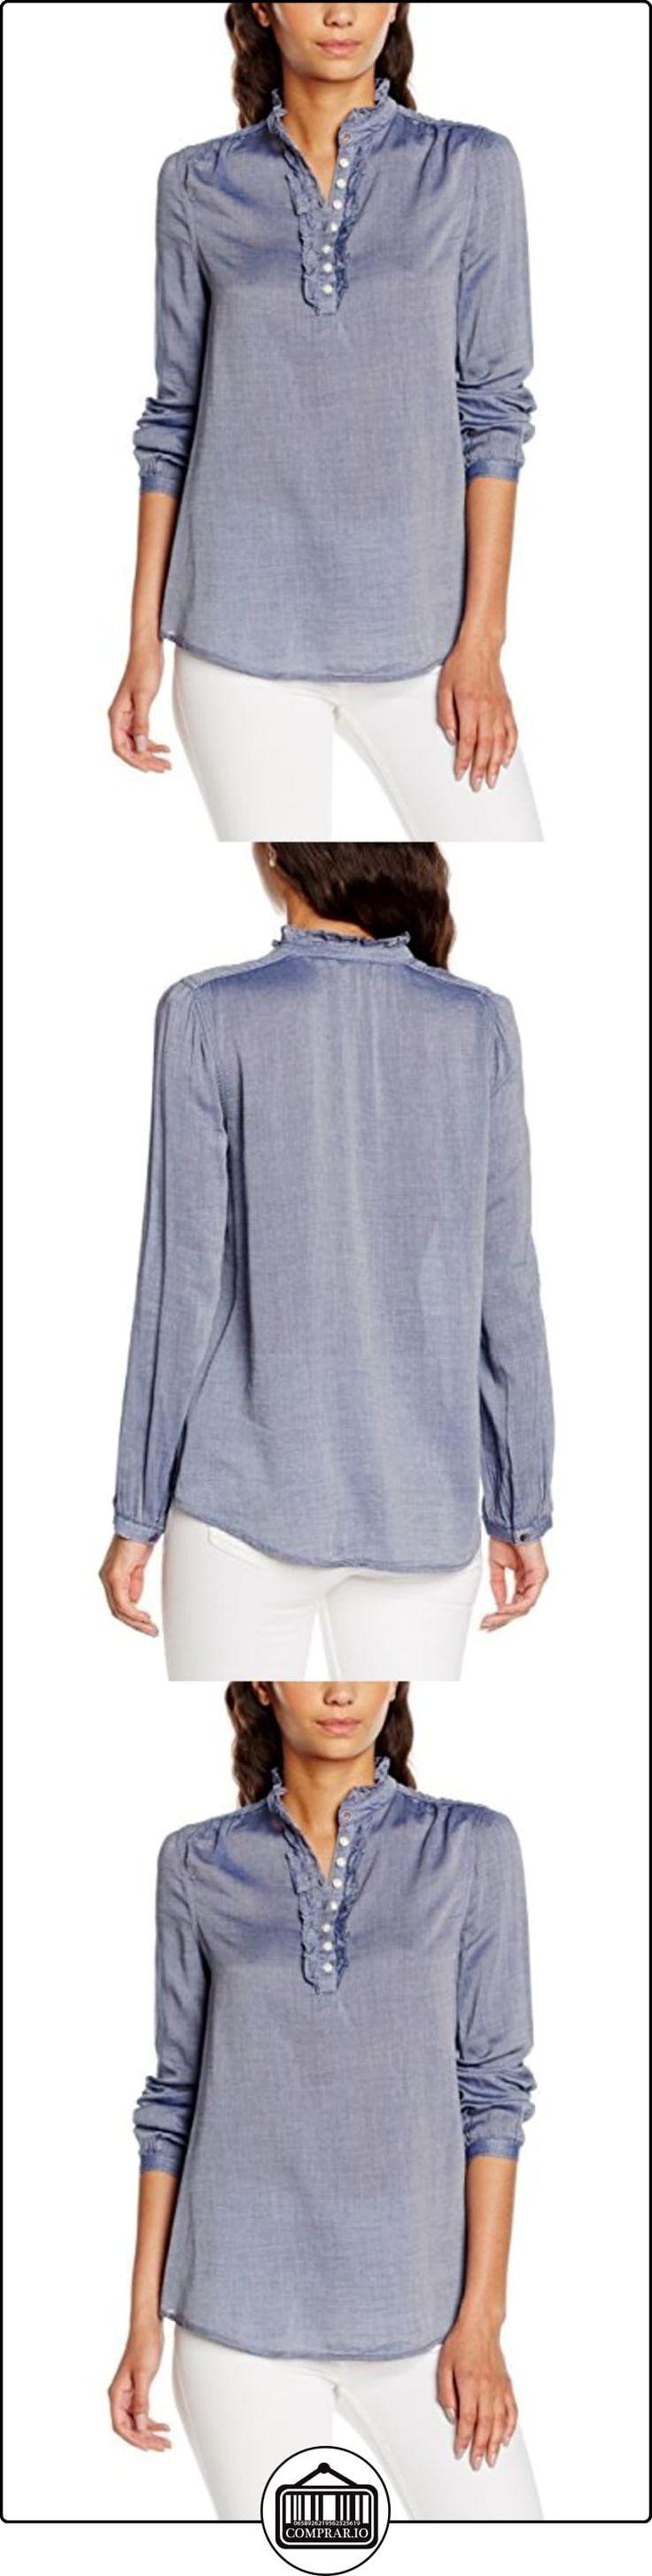 Hilfiger Denim DW0DW00697, Blusa para Mujer, Blau (Navy Blazer 416), 42  ✿ Blusas y camisas ✿